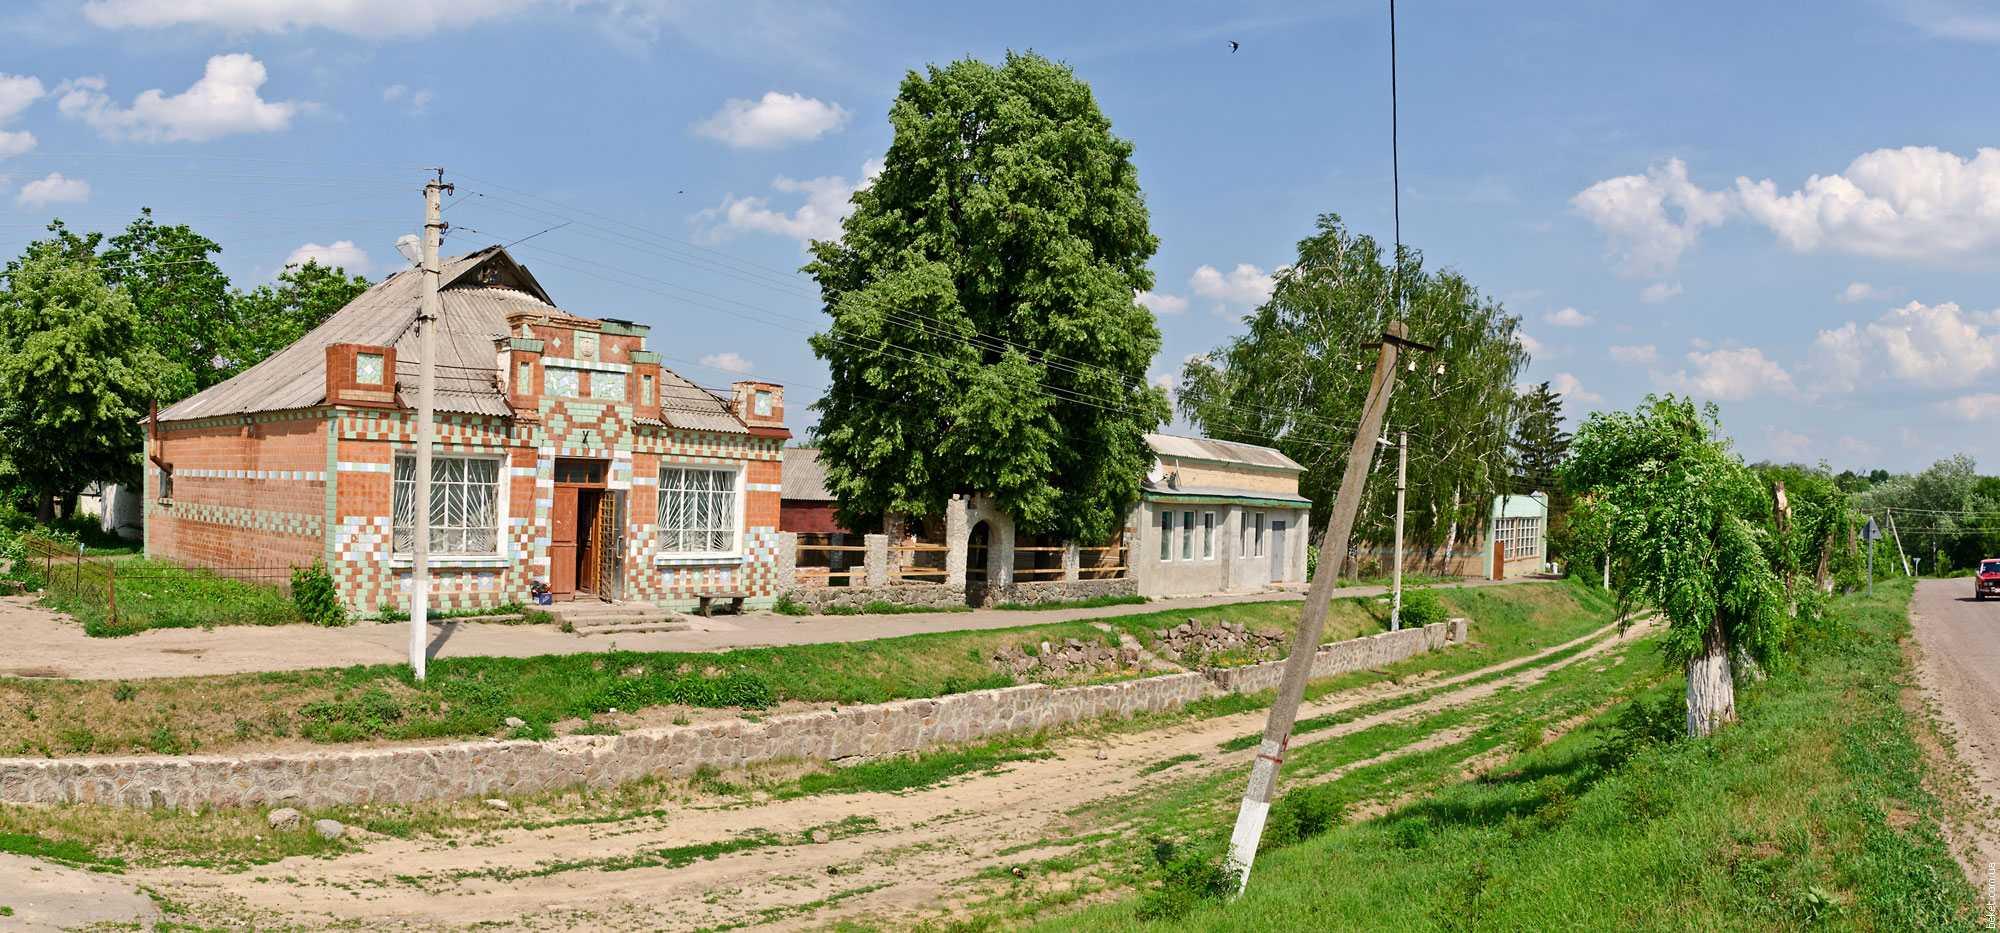 Торгово-развлекательный центр села Грушковка